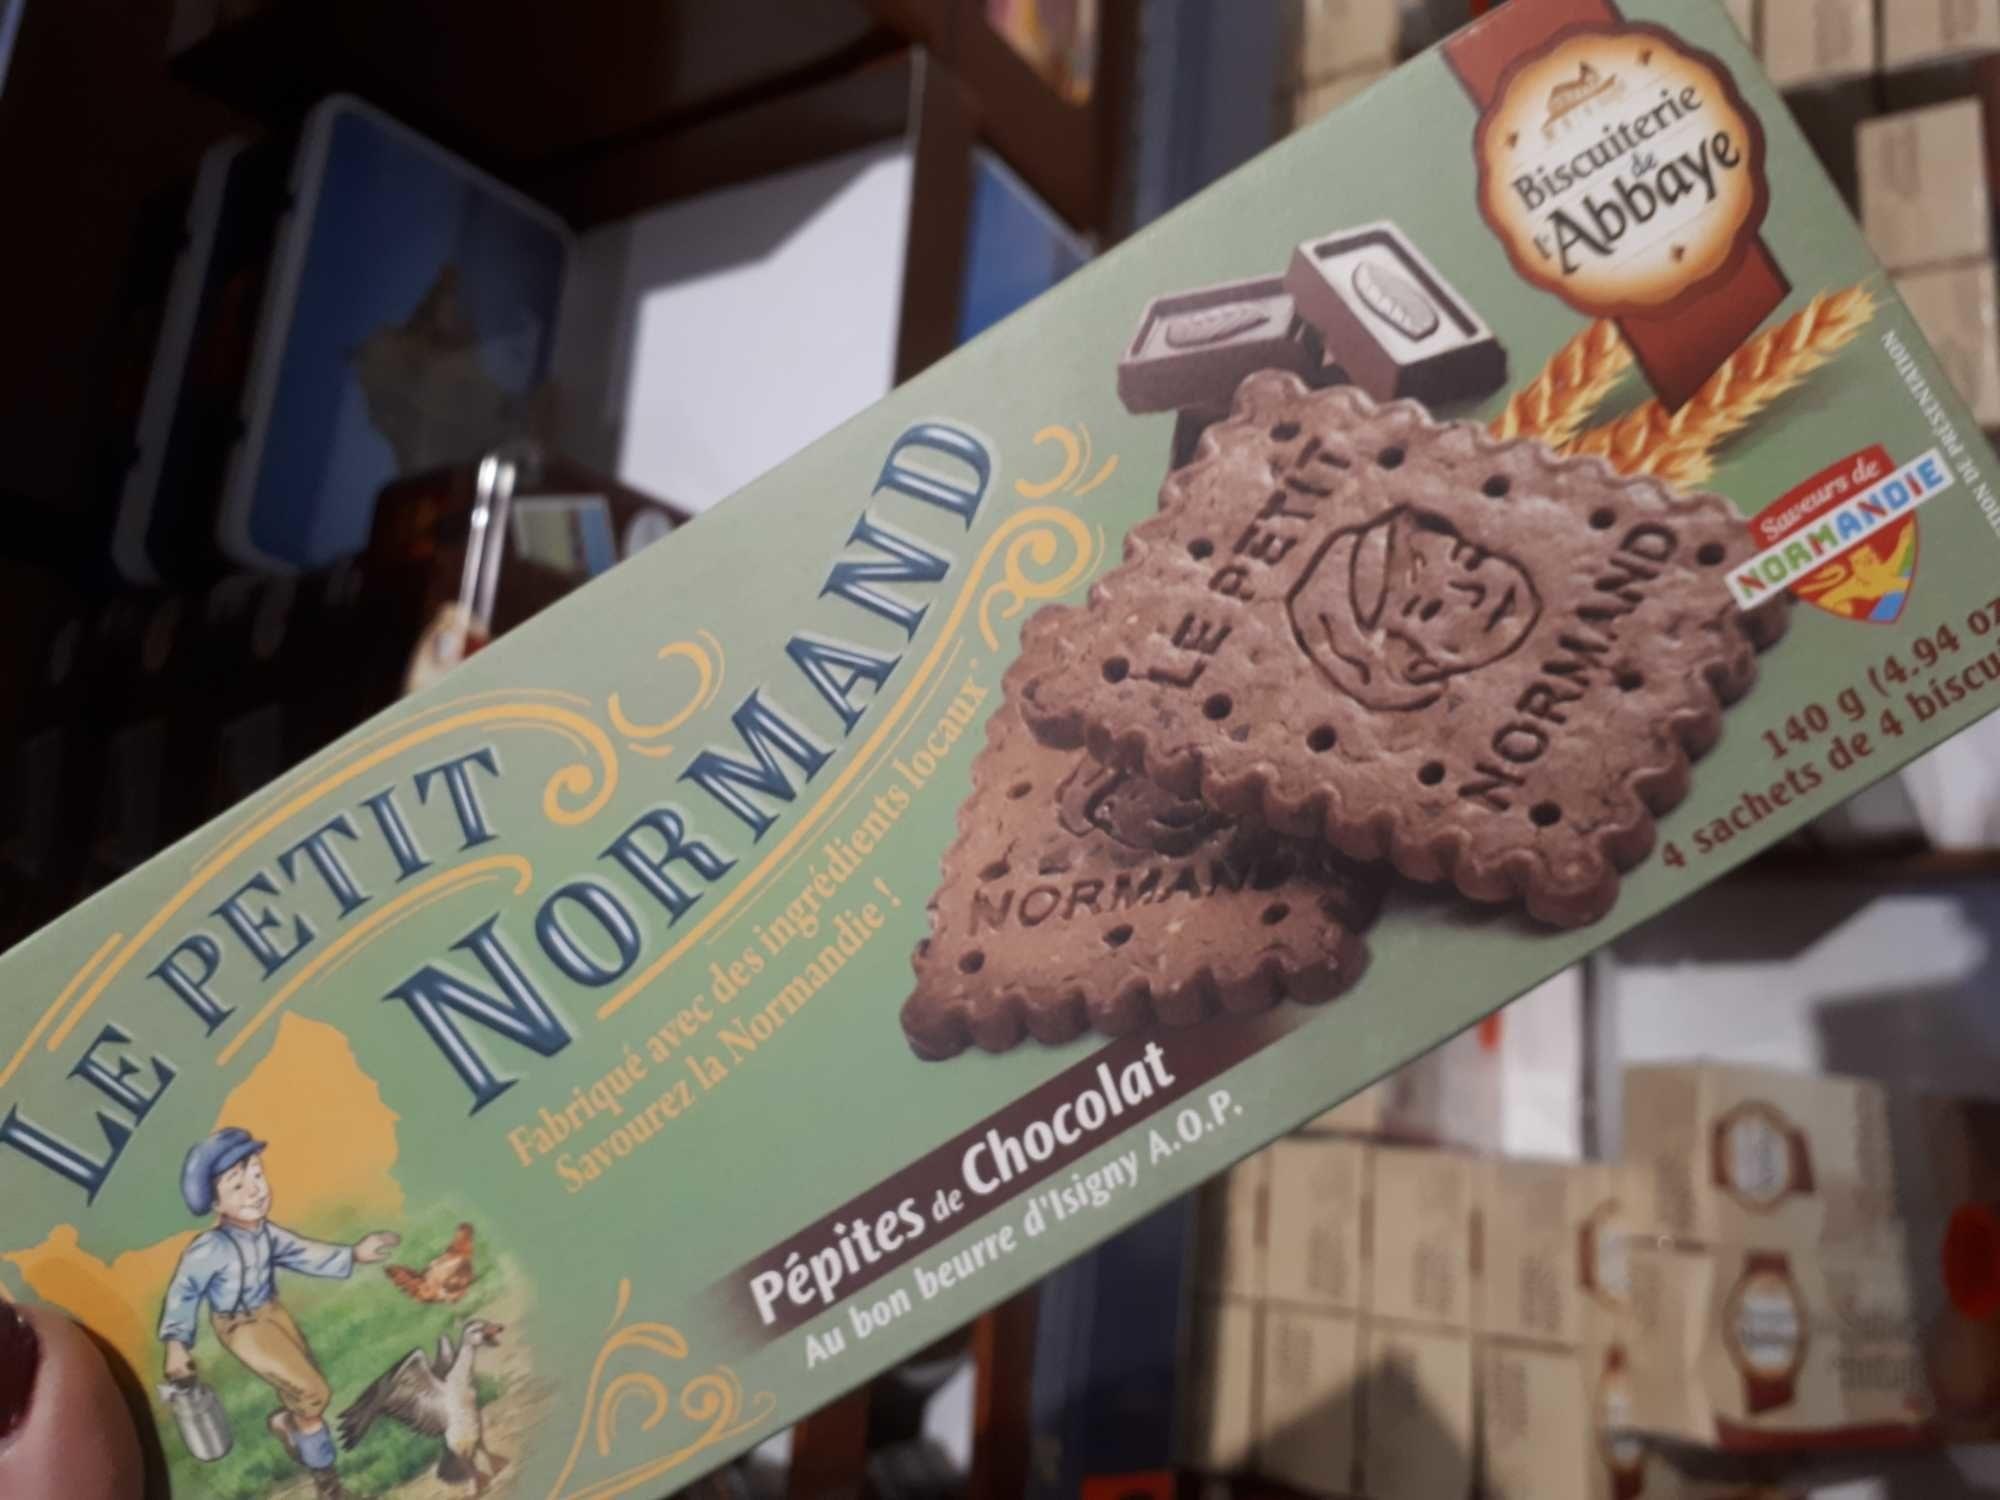 Le petit normand Pépites de Chocolat - Product - fr